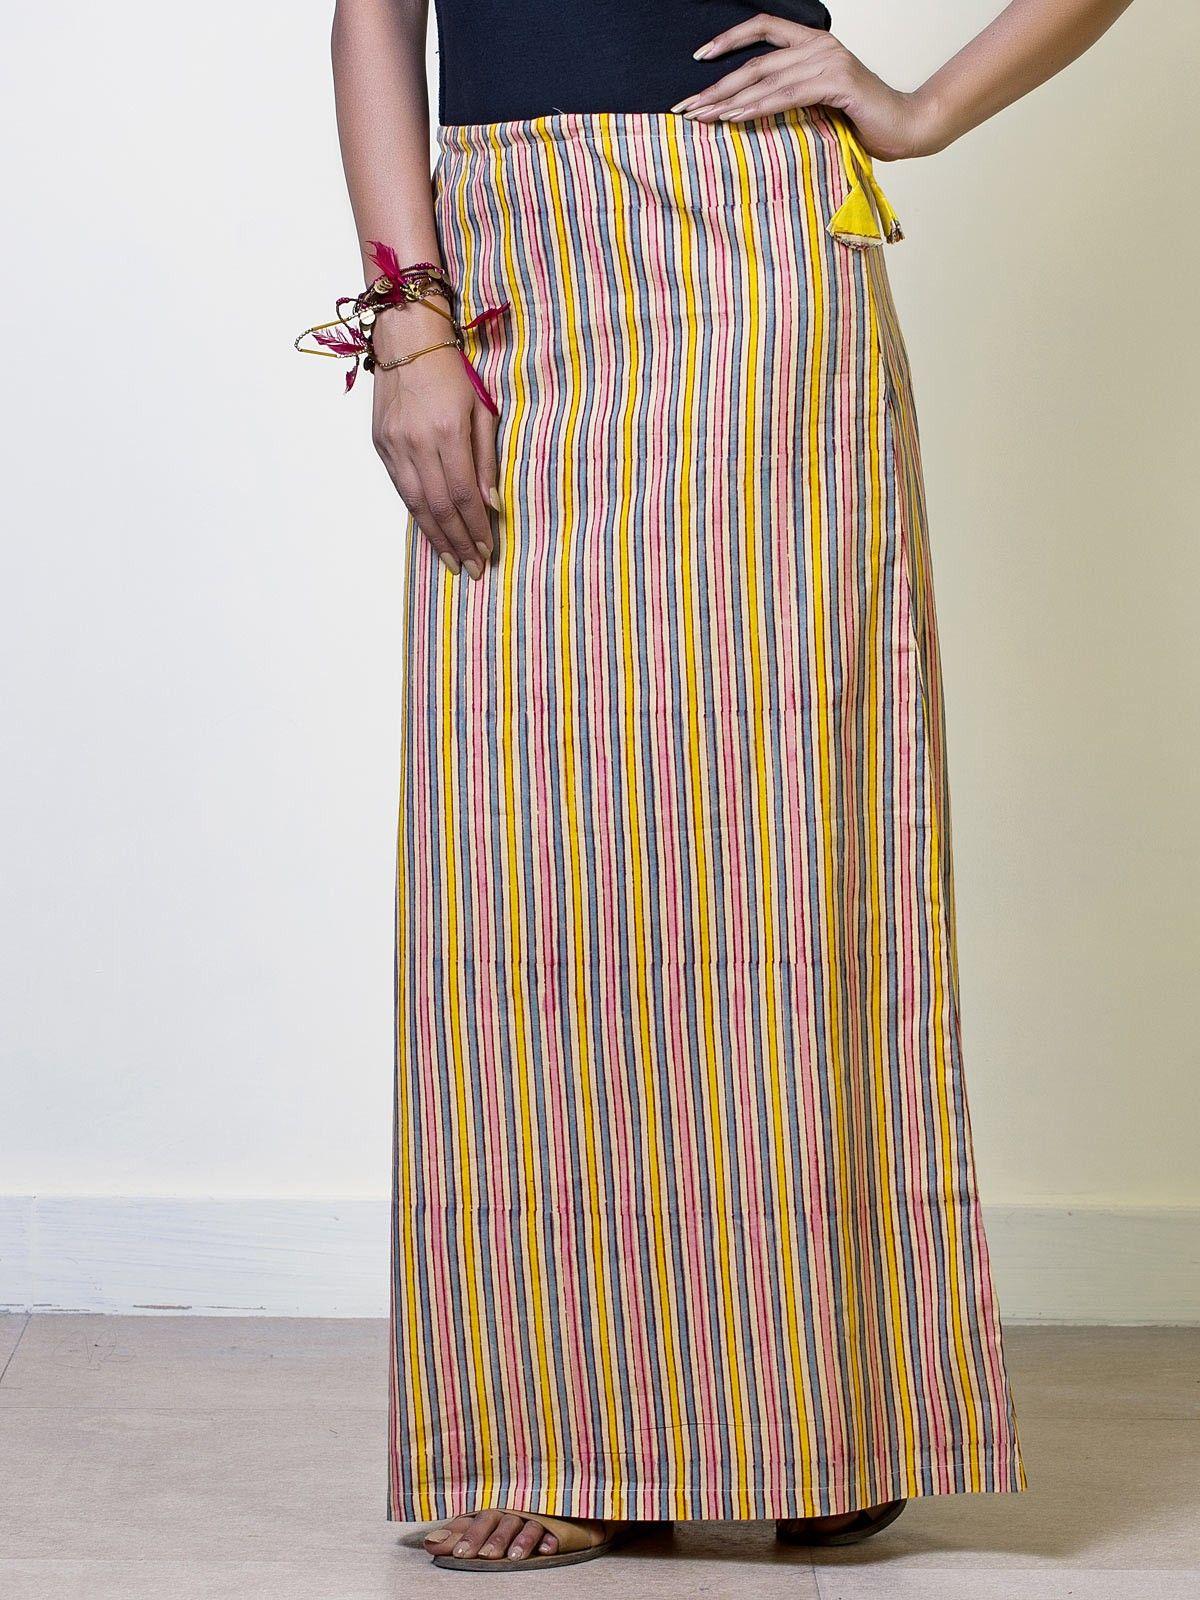 Mustard Sripes Cotton Straight Maxi Skirt